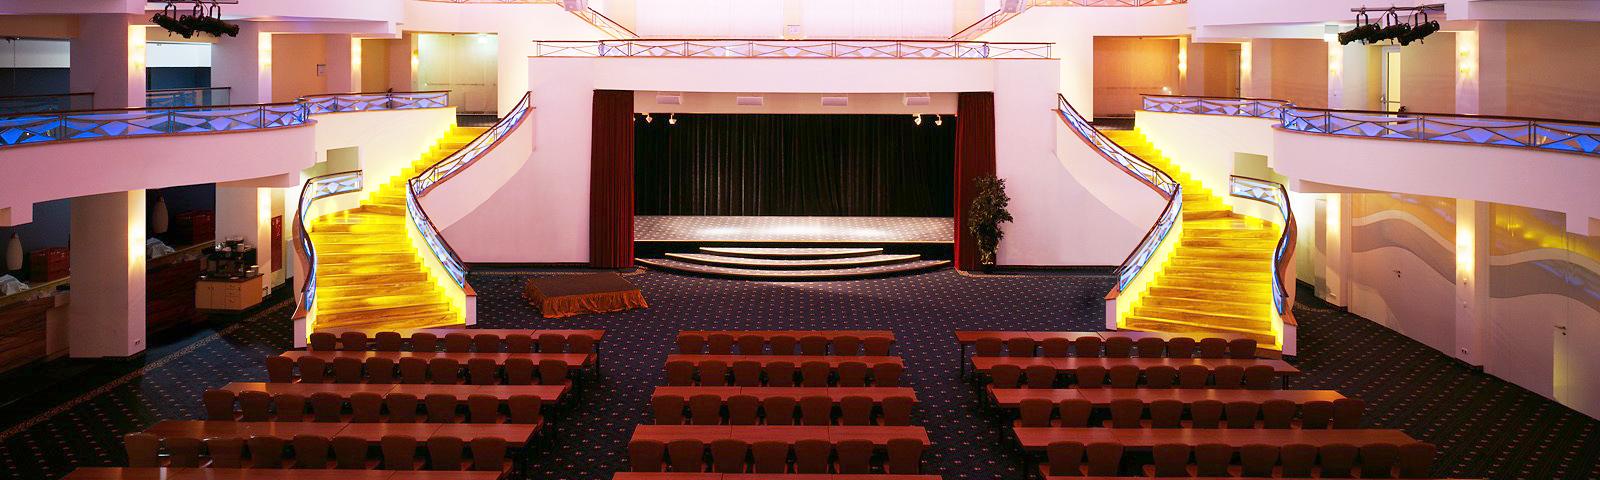 BHKW 2017 - Bild vom Festsaal Palazzo des Kongresshotels LaStrada